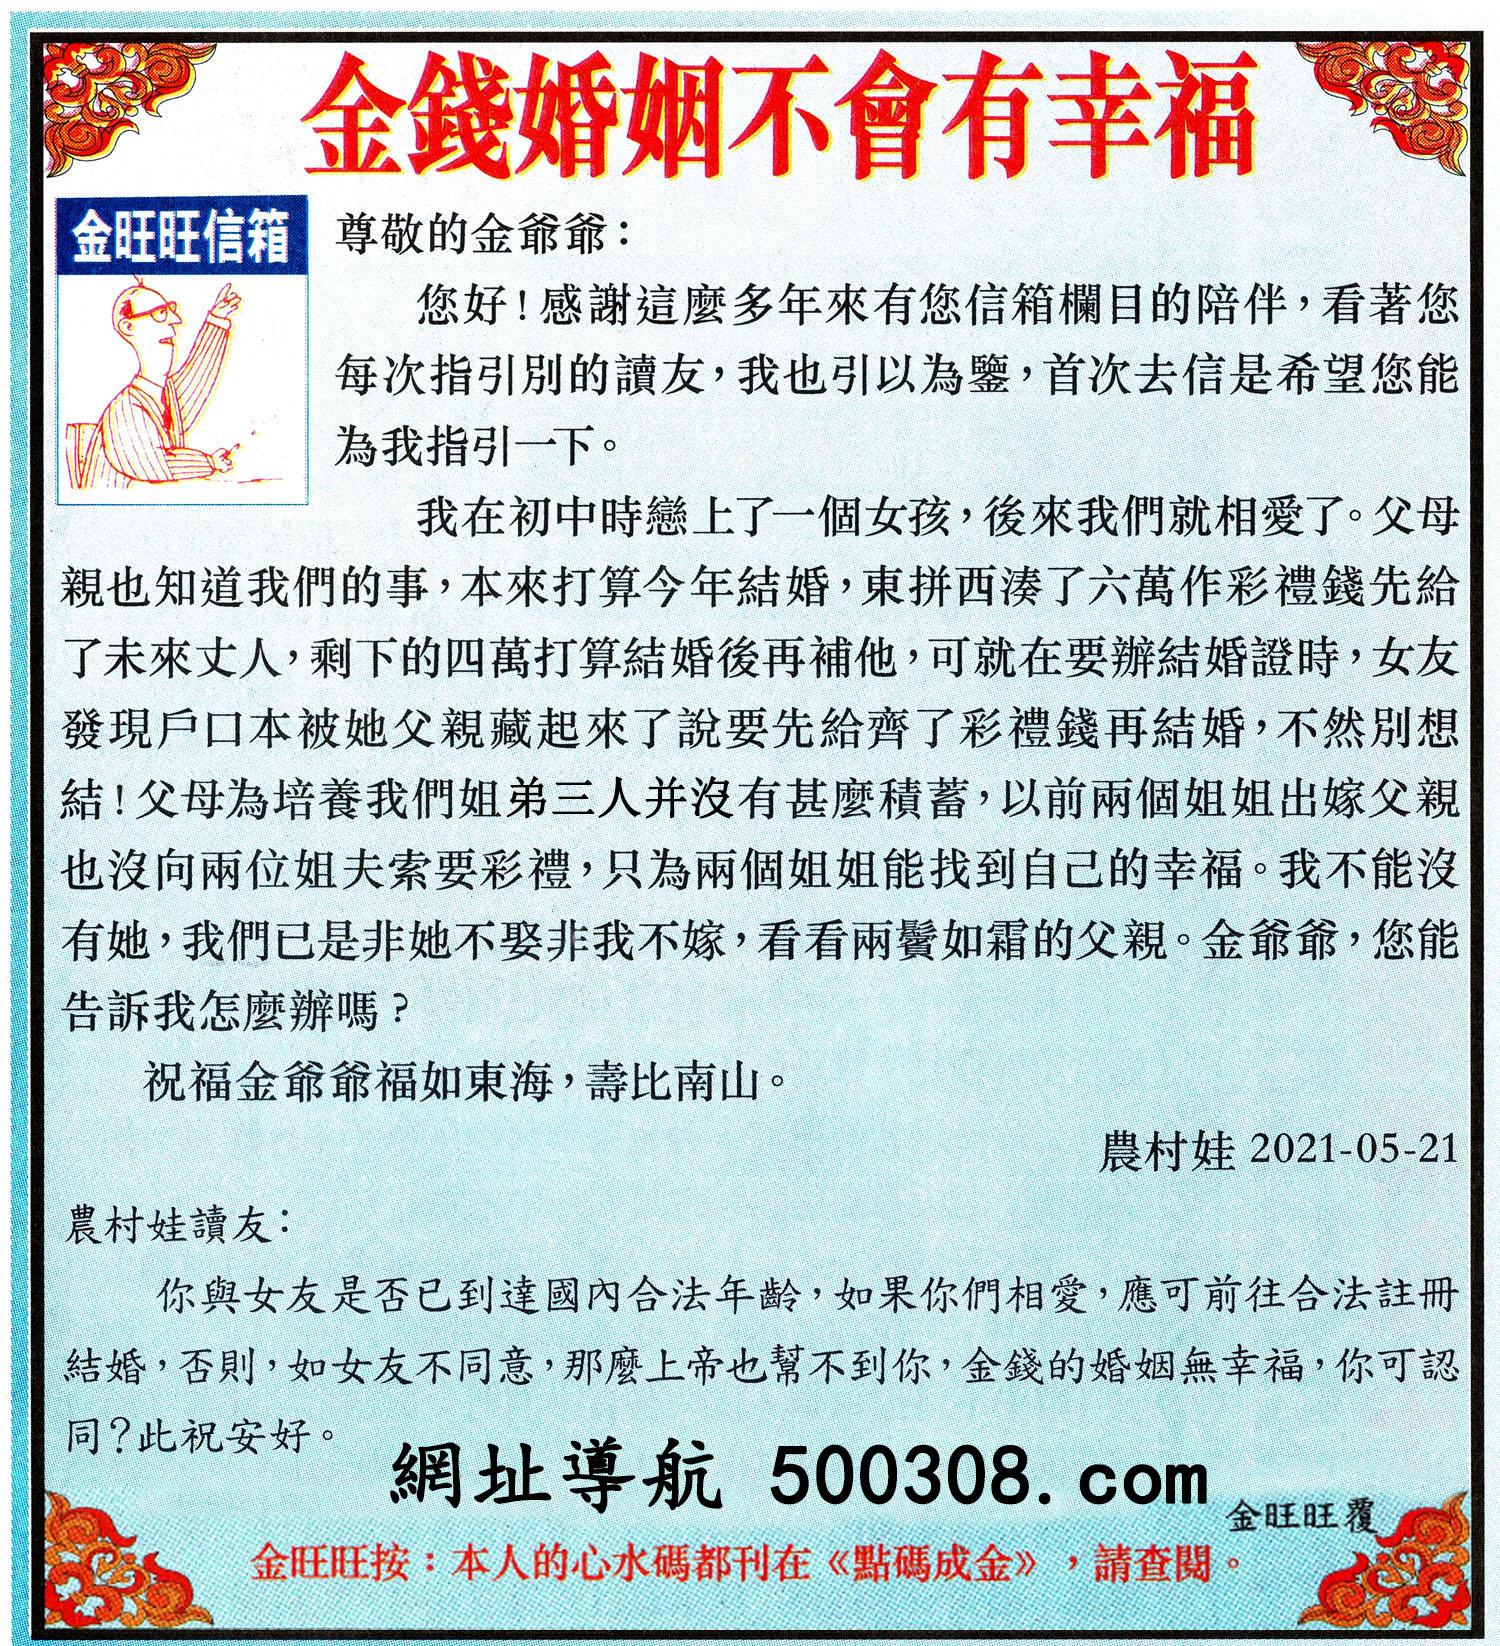 064期:金旺旺信箱彩民推荐→→《金�X婚姻不��有幸福》